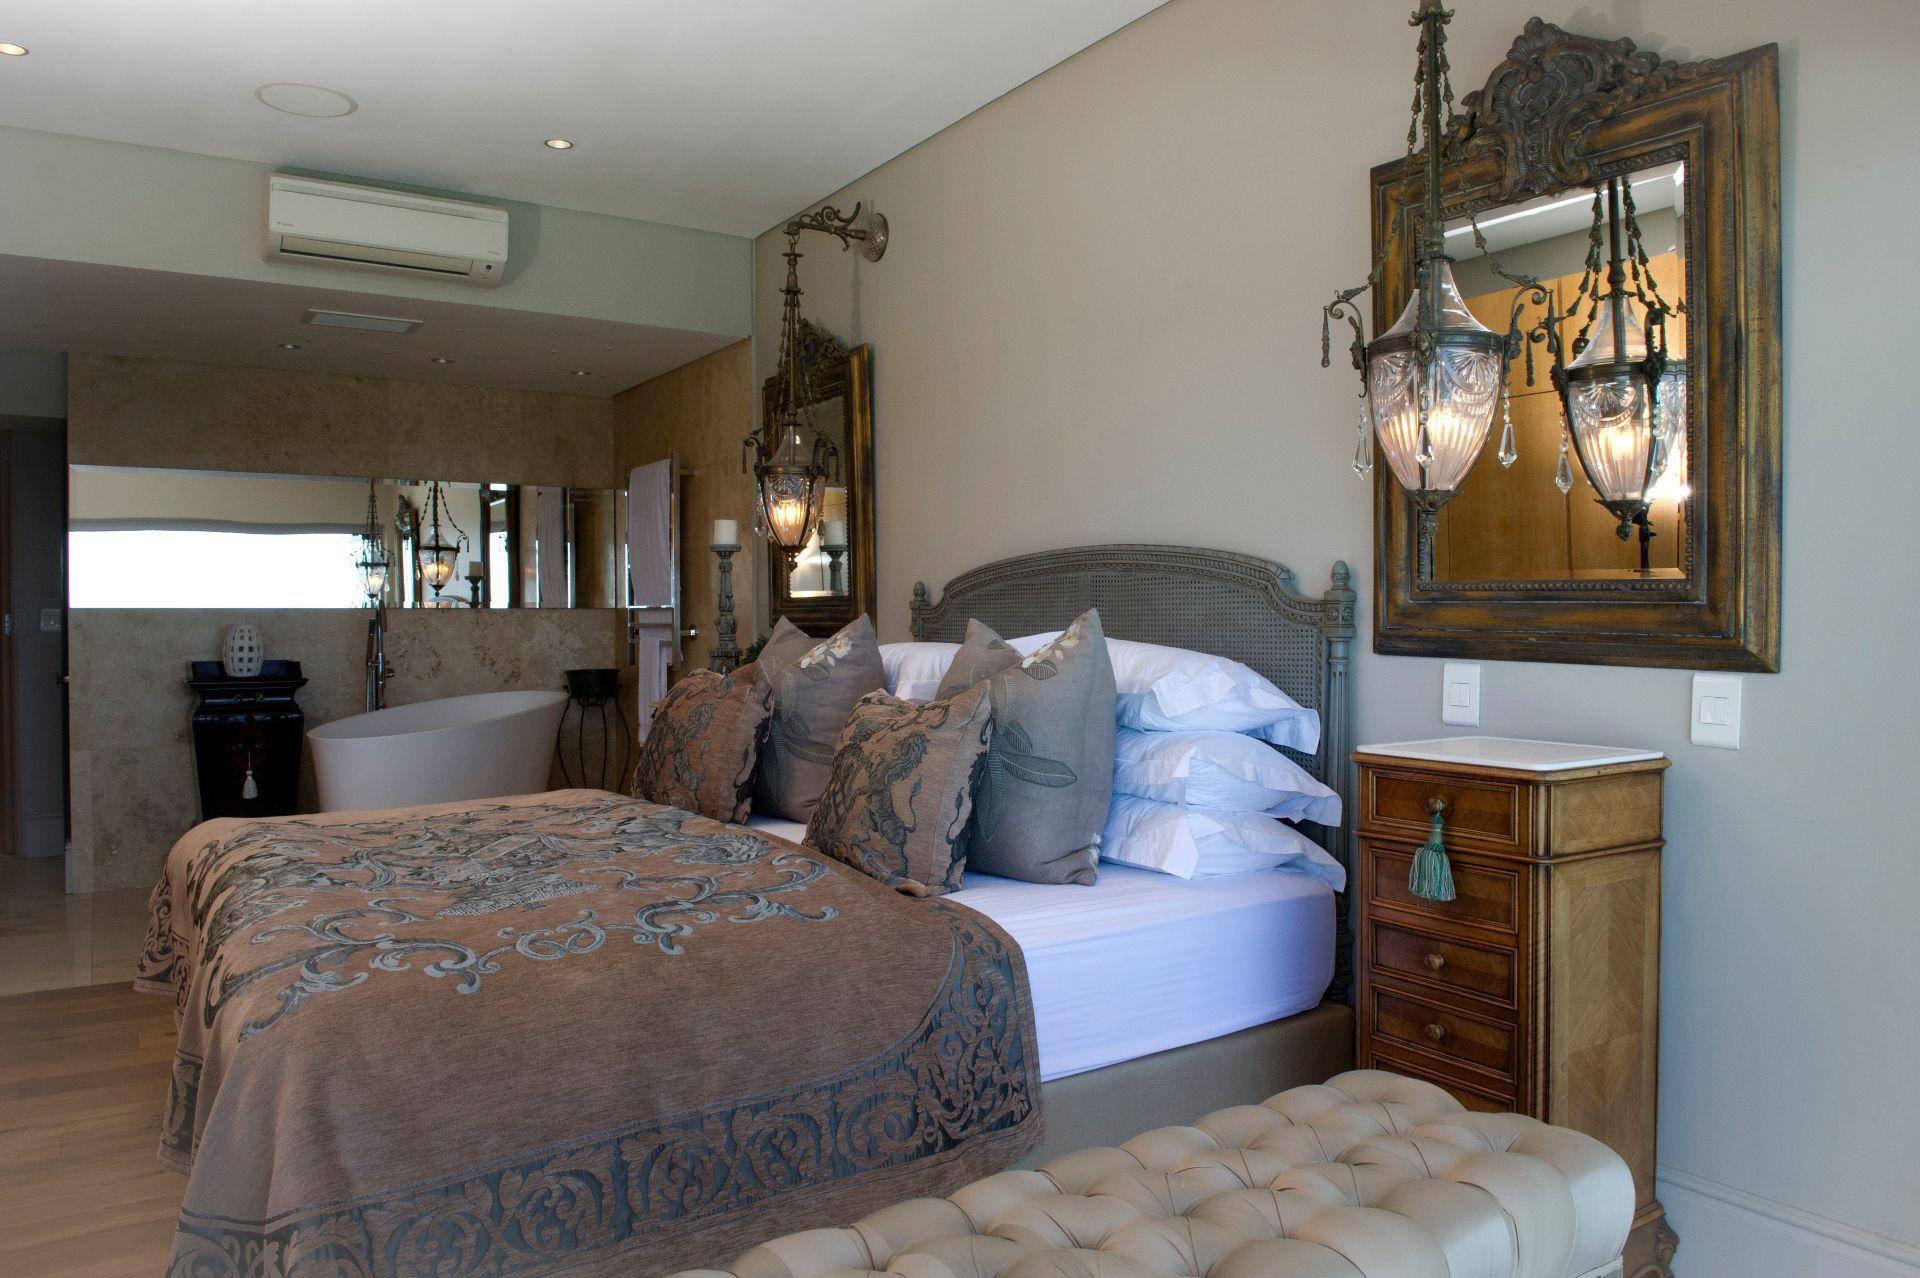 Apartment To Rent In Clifton 2 Bedroom 13474265 2 11 Cyberprop